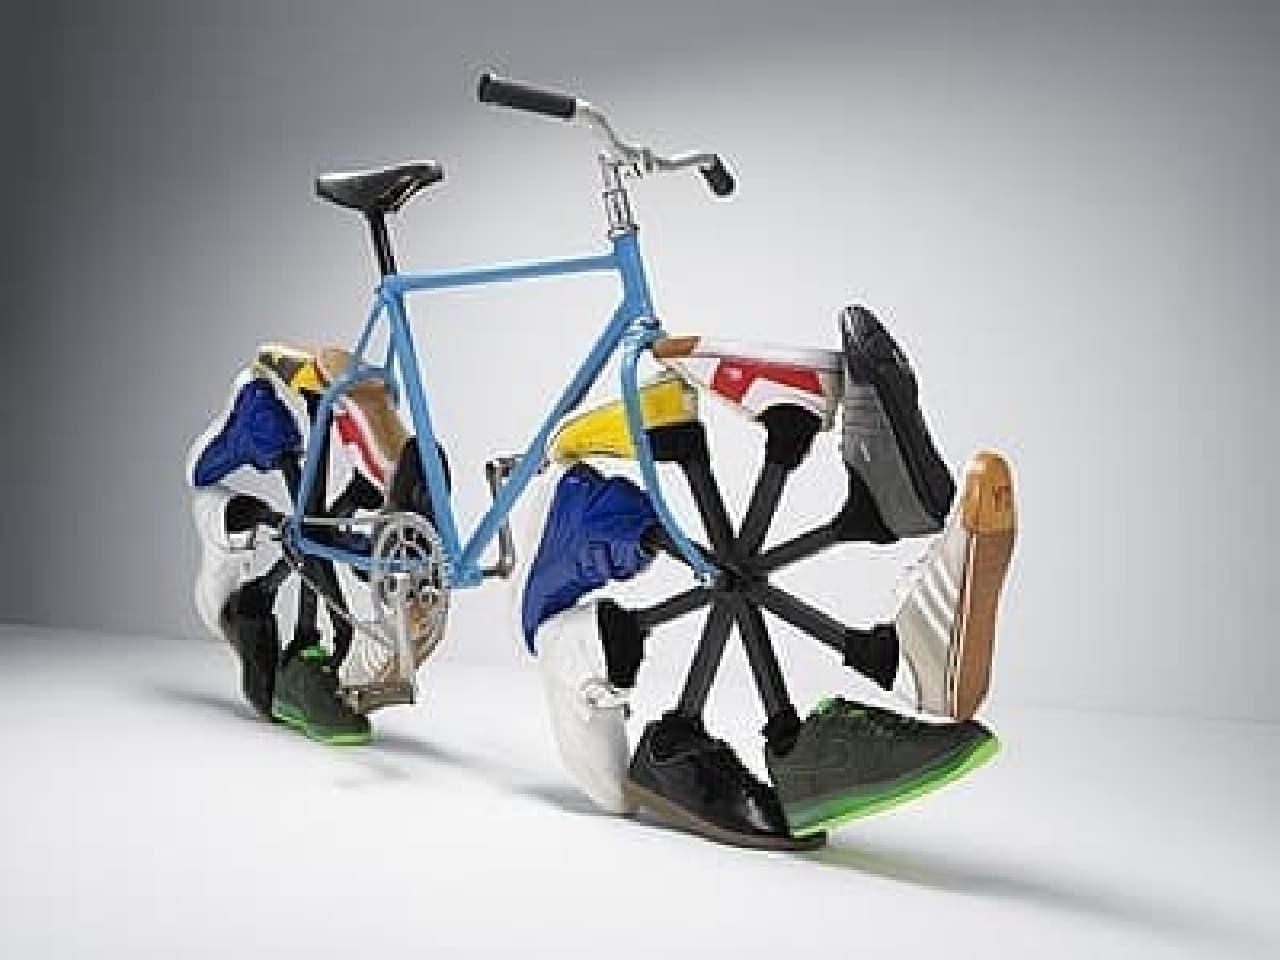 タイヤの代わりにスニーカーを履いたWalking bike(Max Knight氏制作)